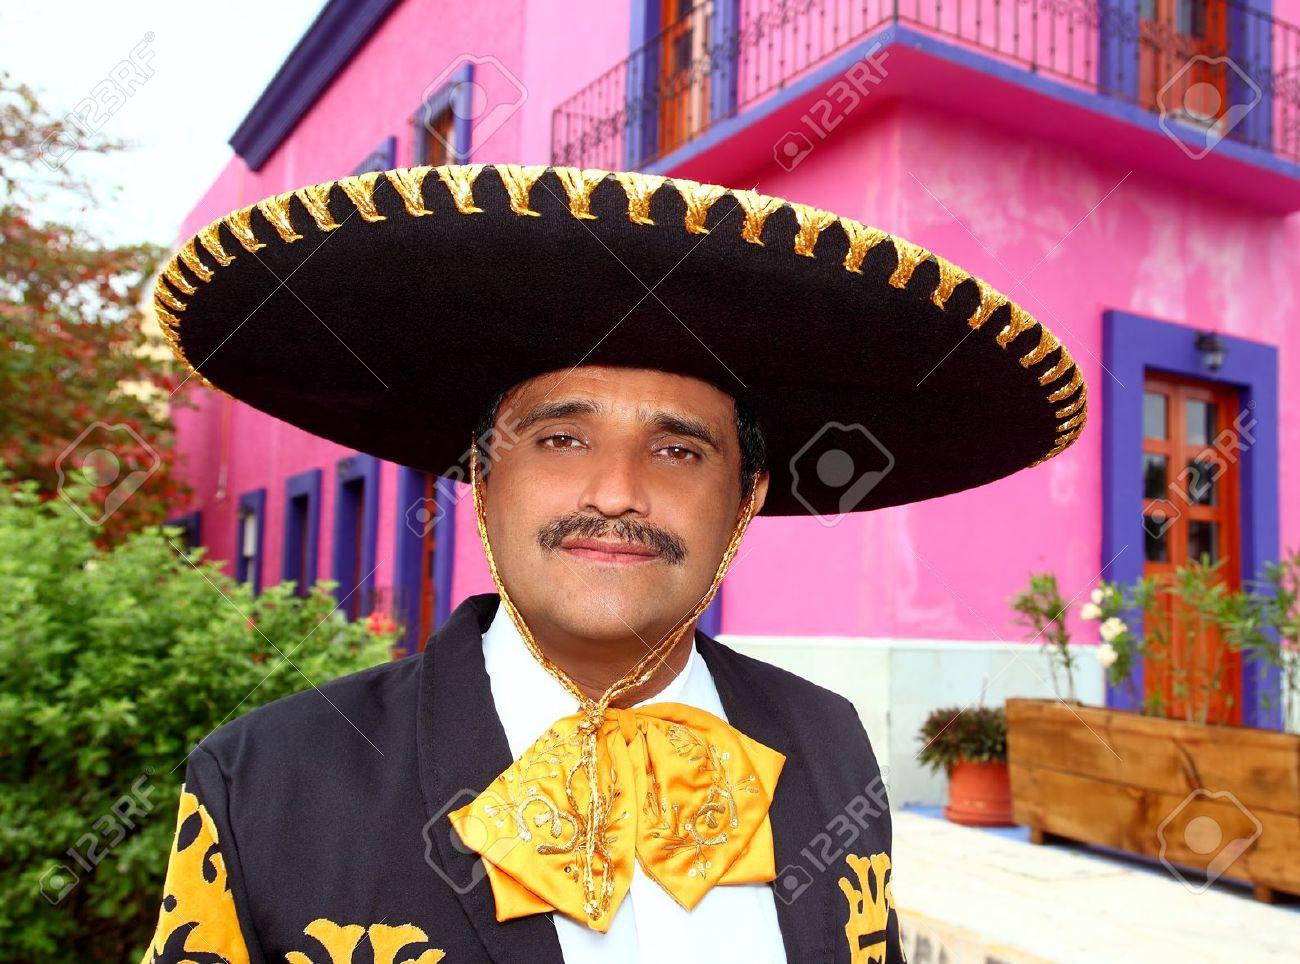 Charro mexicano Mariachi retrato del hombre en una casa rosa México Foto de archivo - 10437768